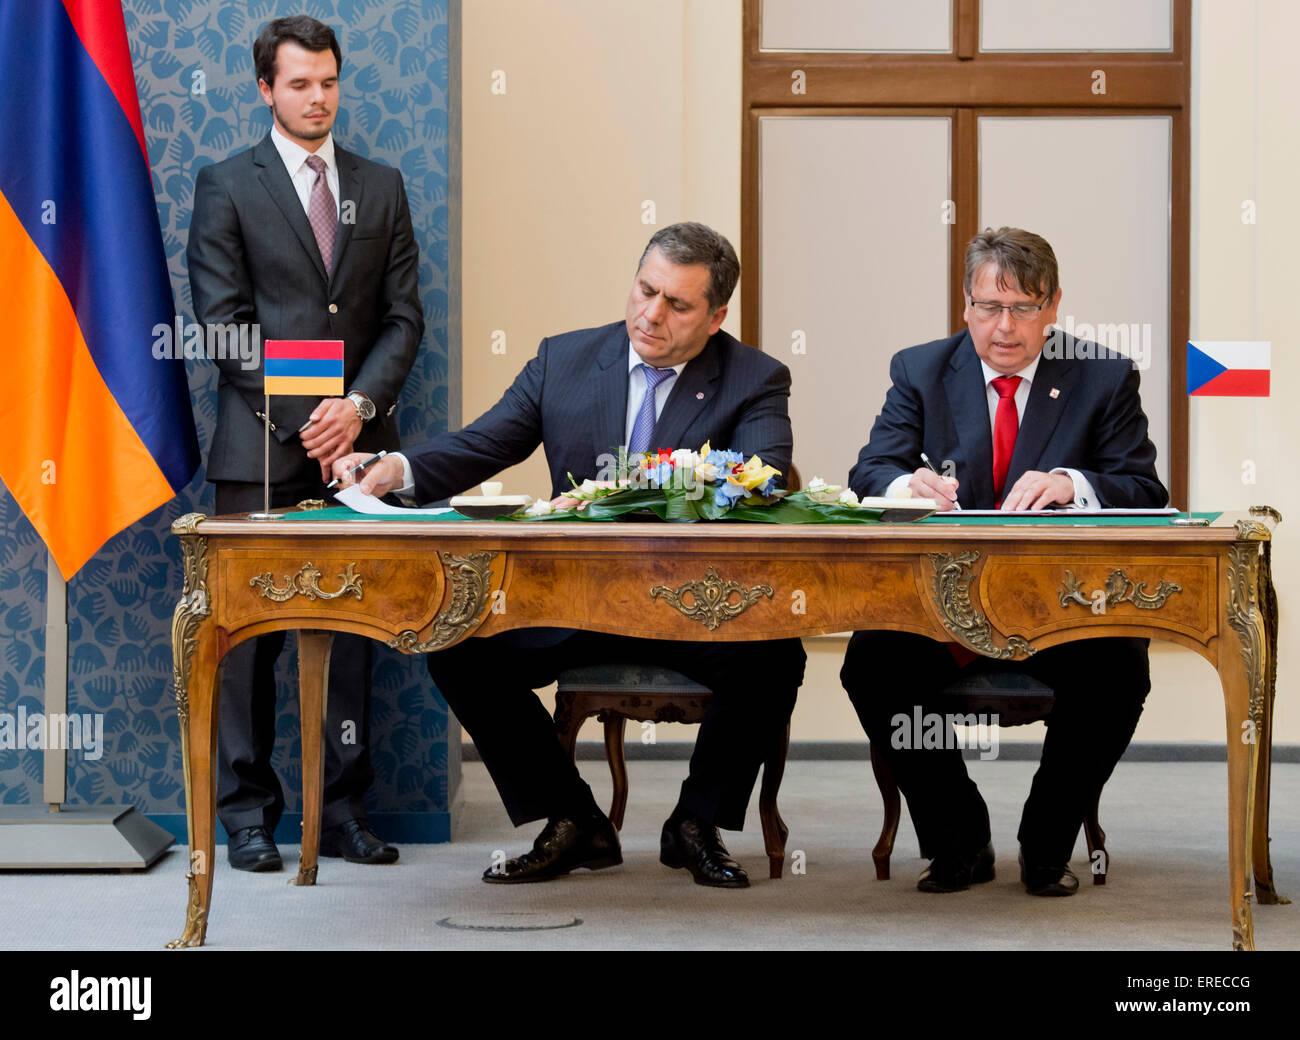 Gouverneur de la région de Hradec Kralove Lubomír Franc (à droite) et Gouverneur de Tavush Hovik Abovyan (deuxième Banque D'Images